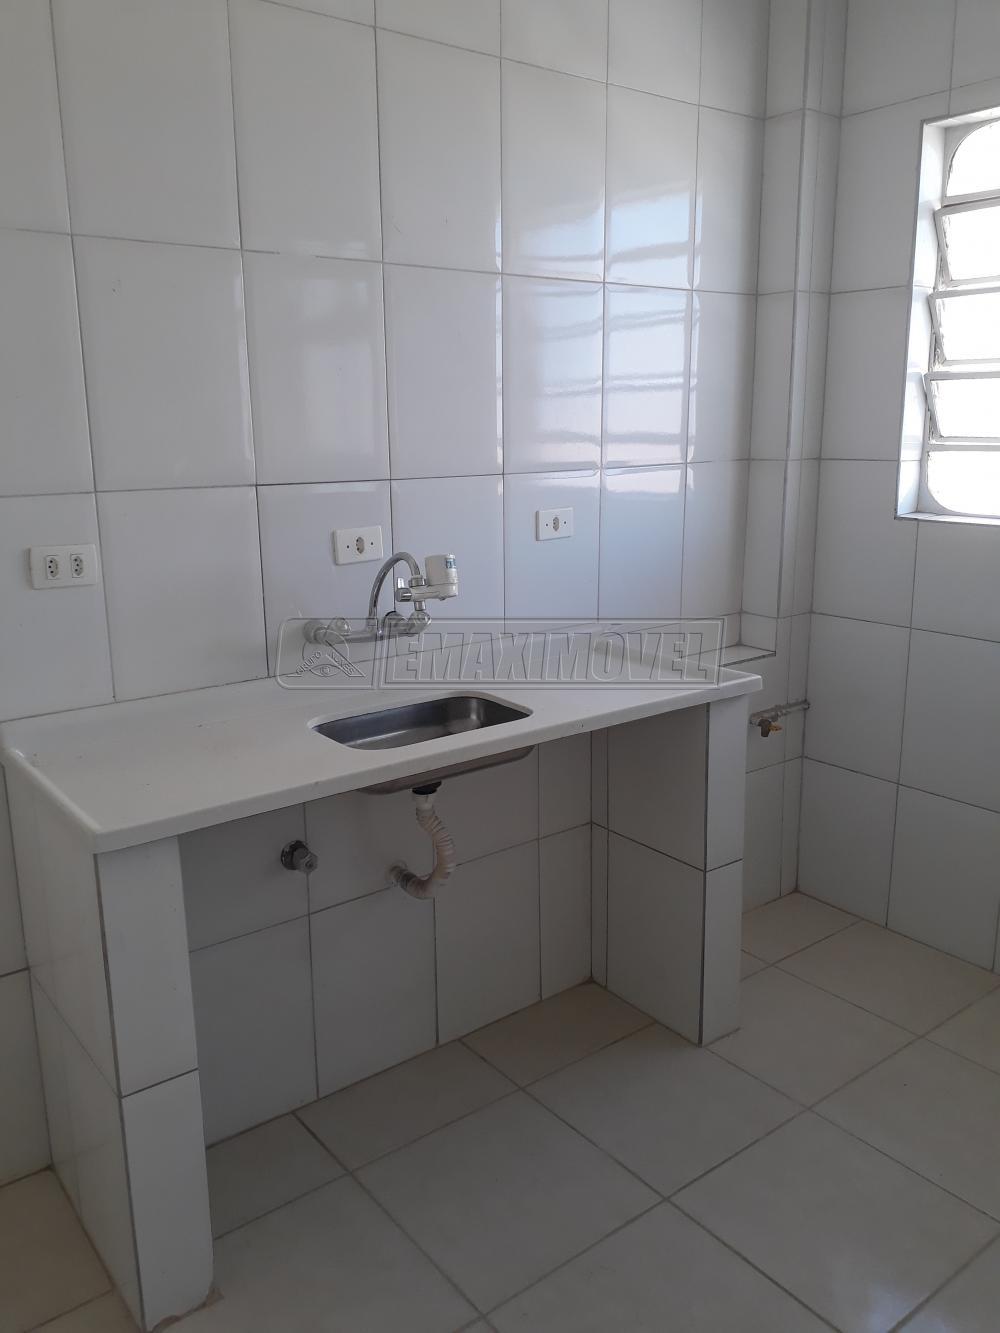 Alugar Apartamentos / Apto Padrão em Sorocaba apenas R$ 500,00 - Foto 16